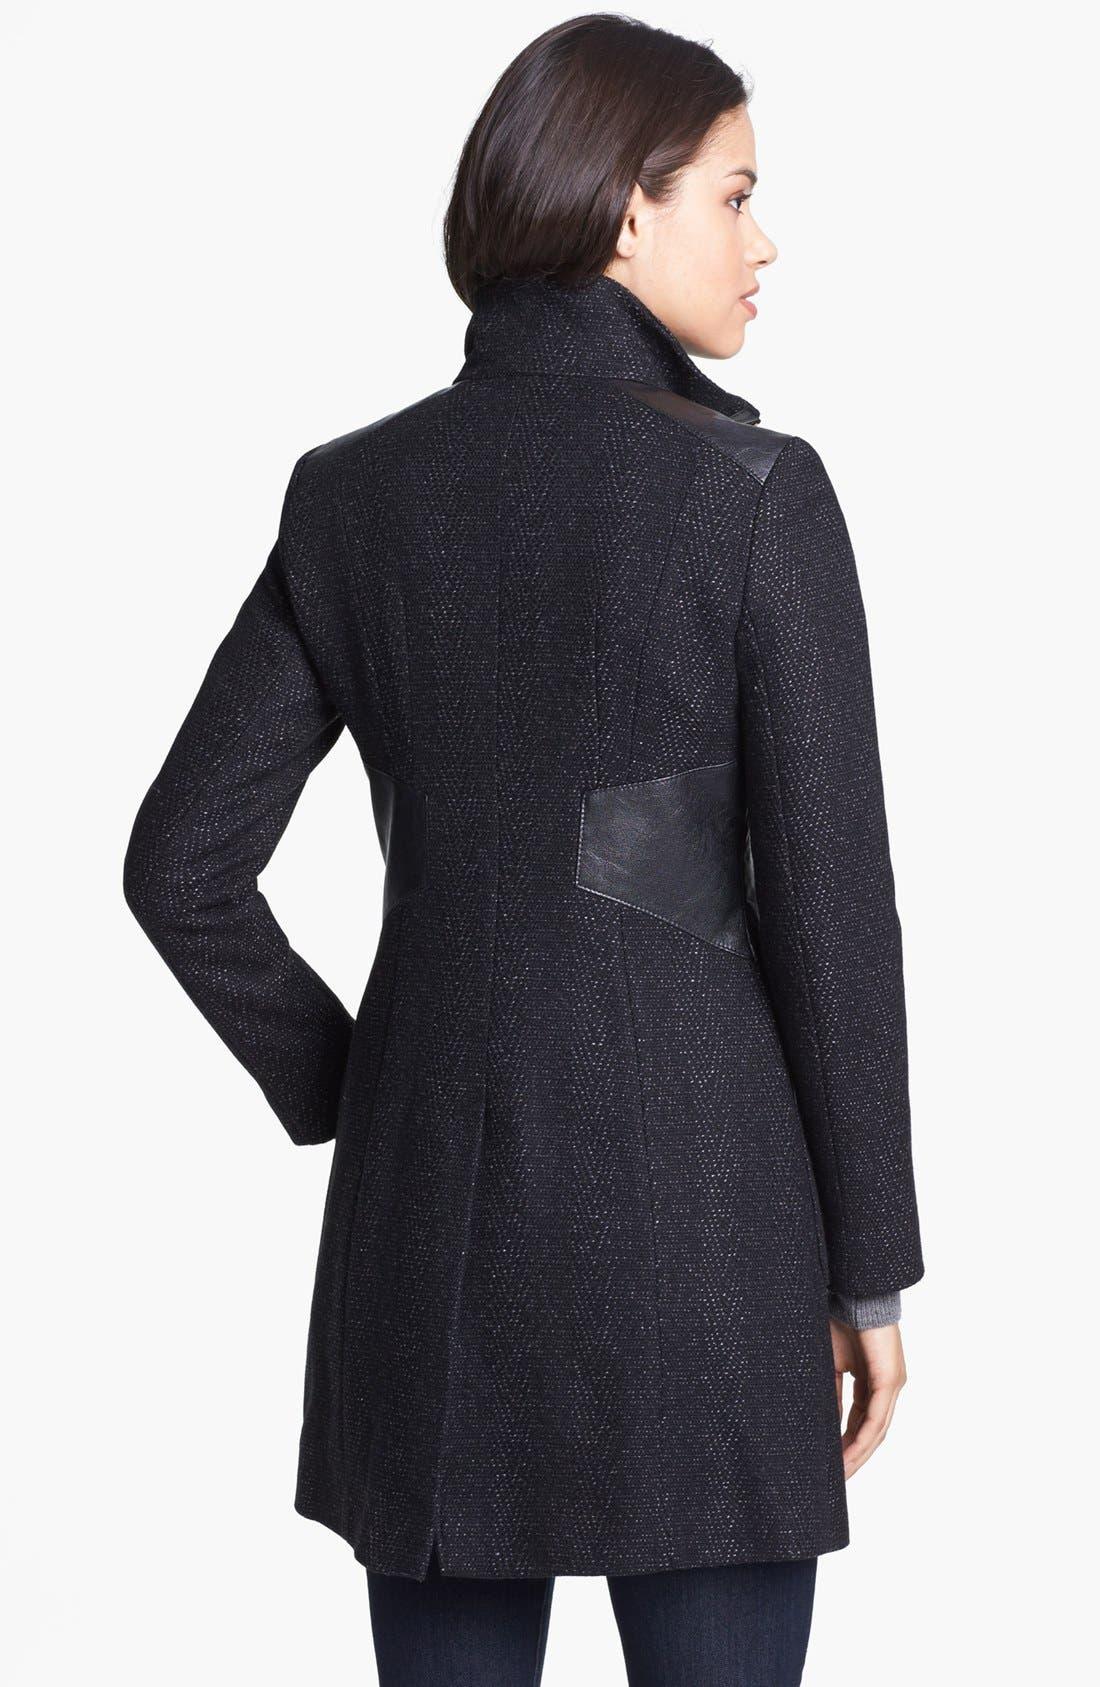 Alternate Image 2  - Via Spiga Faux Leather Trim Tweed Coat (Petite)